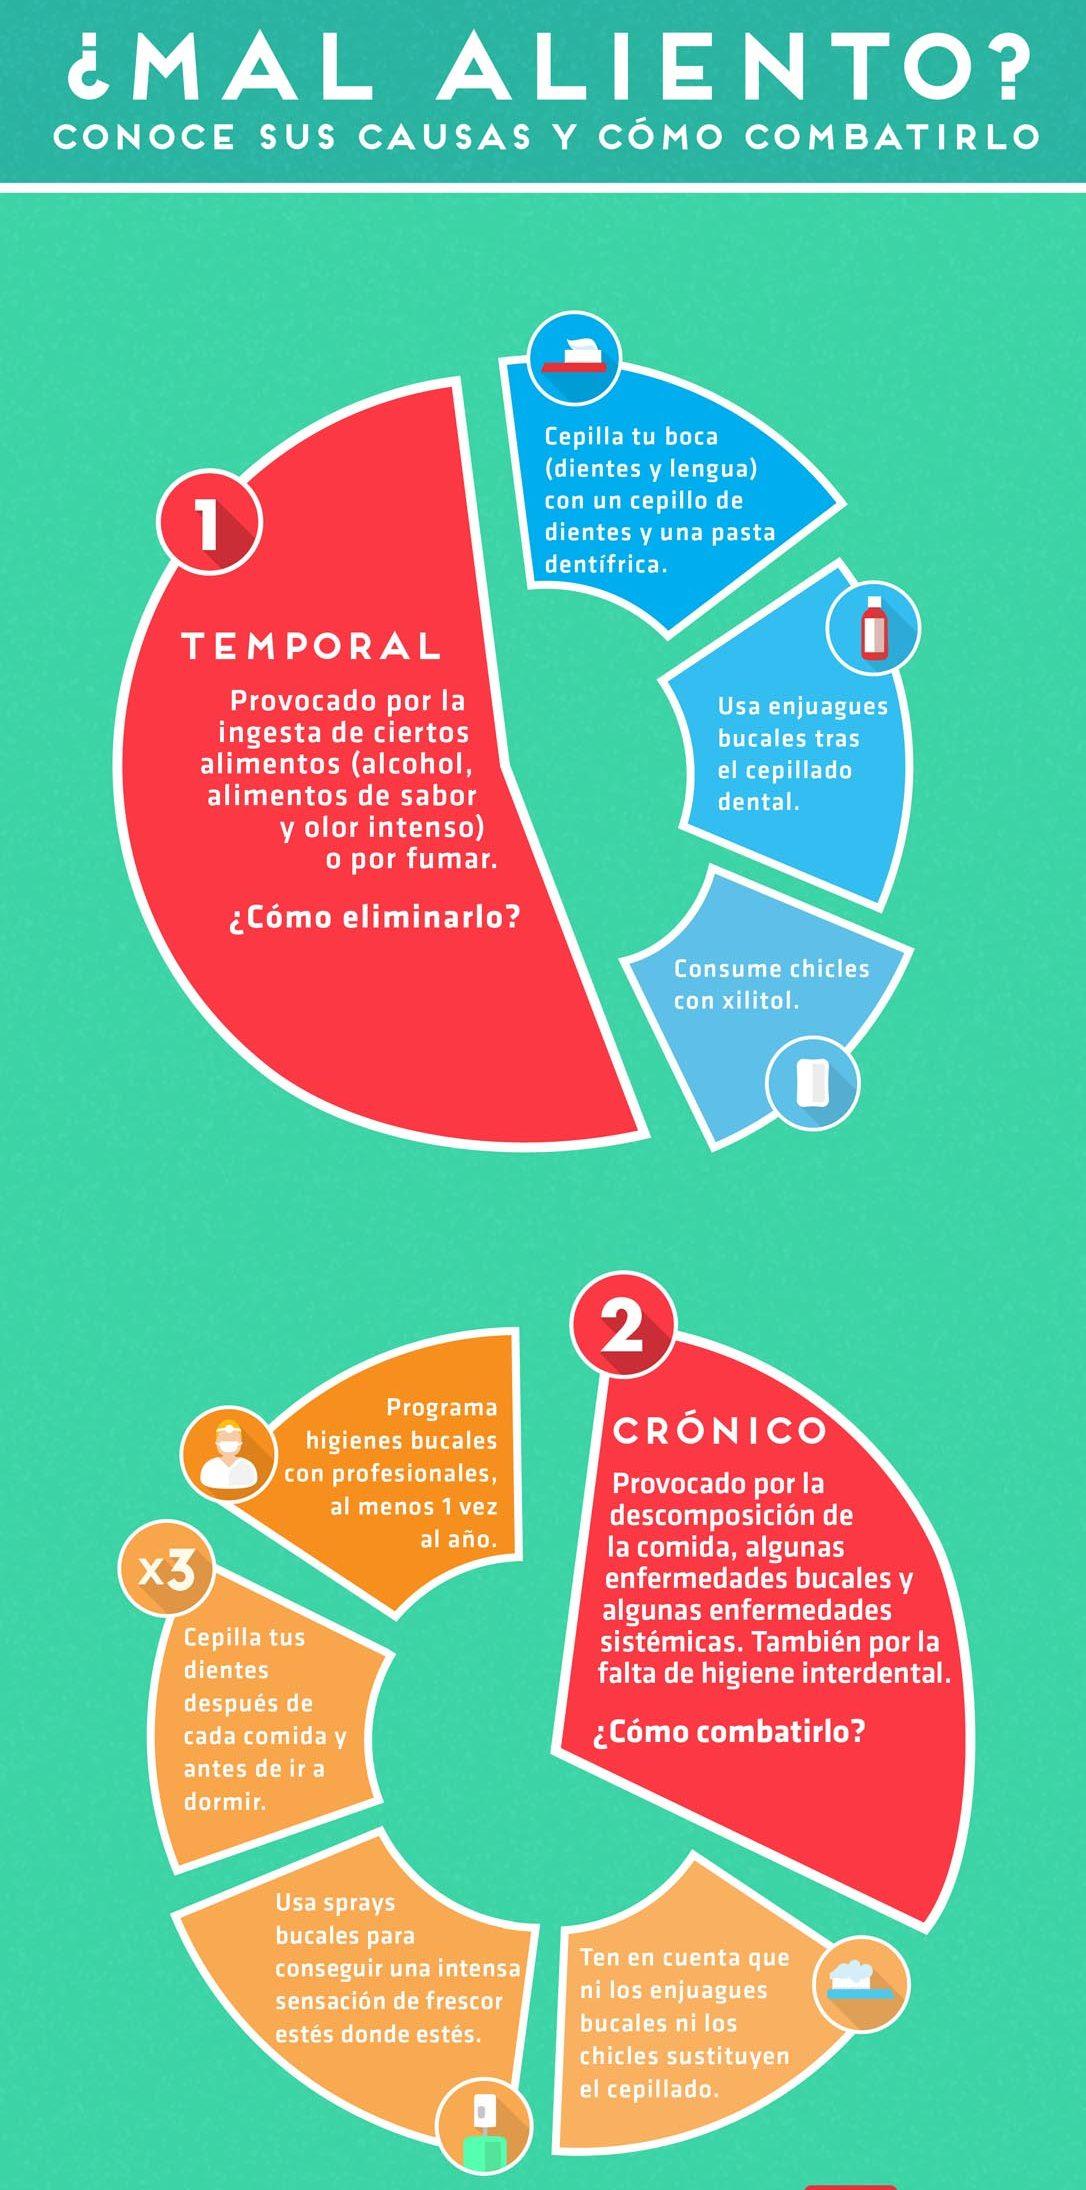 infografía describiendo las causas del mal olor en la boca